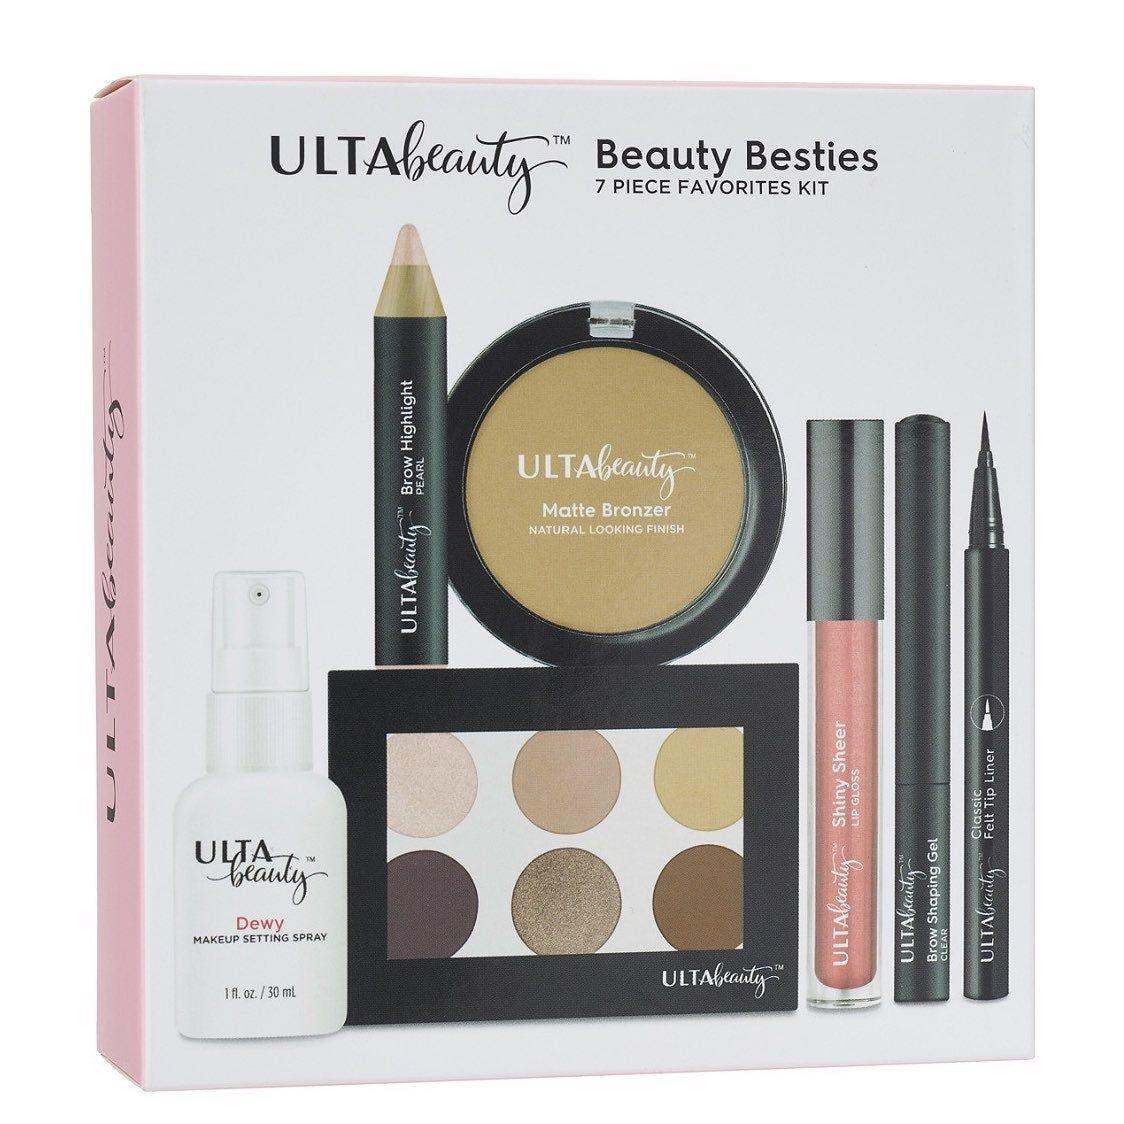 Pin on Ulta Makeup sets